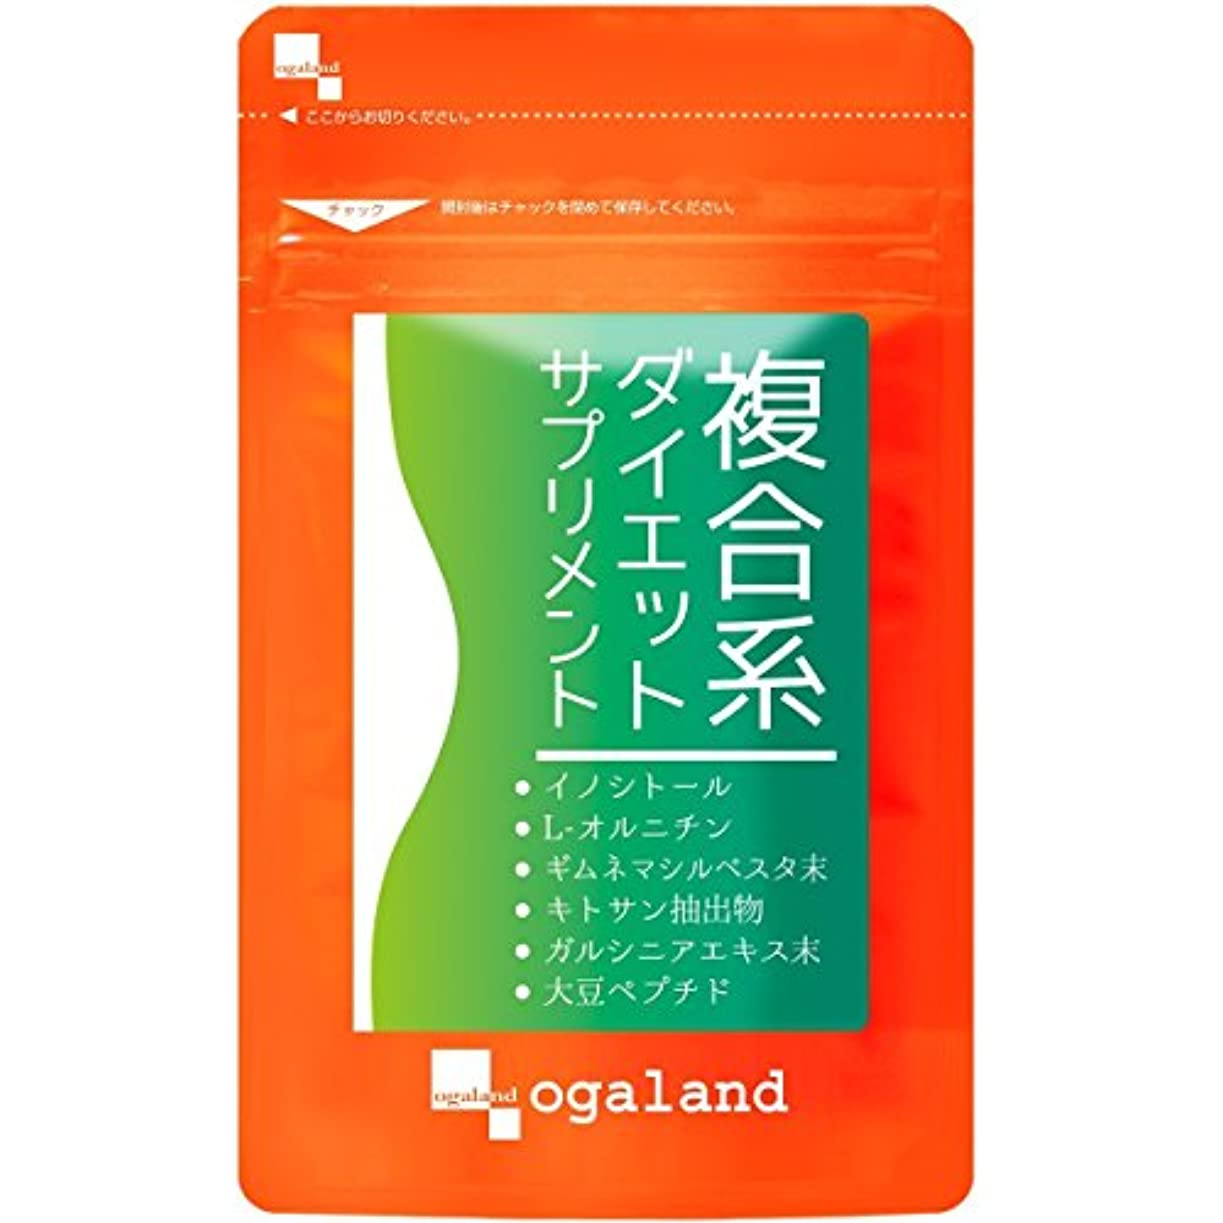 浸食版ウェブ【Amazon.co.jp限定】複合系ダイエットサプリメント 90粒